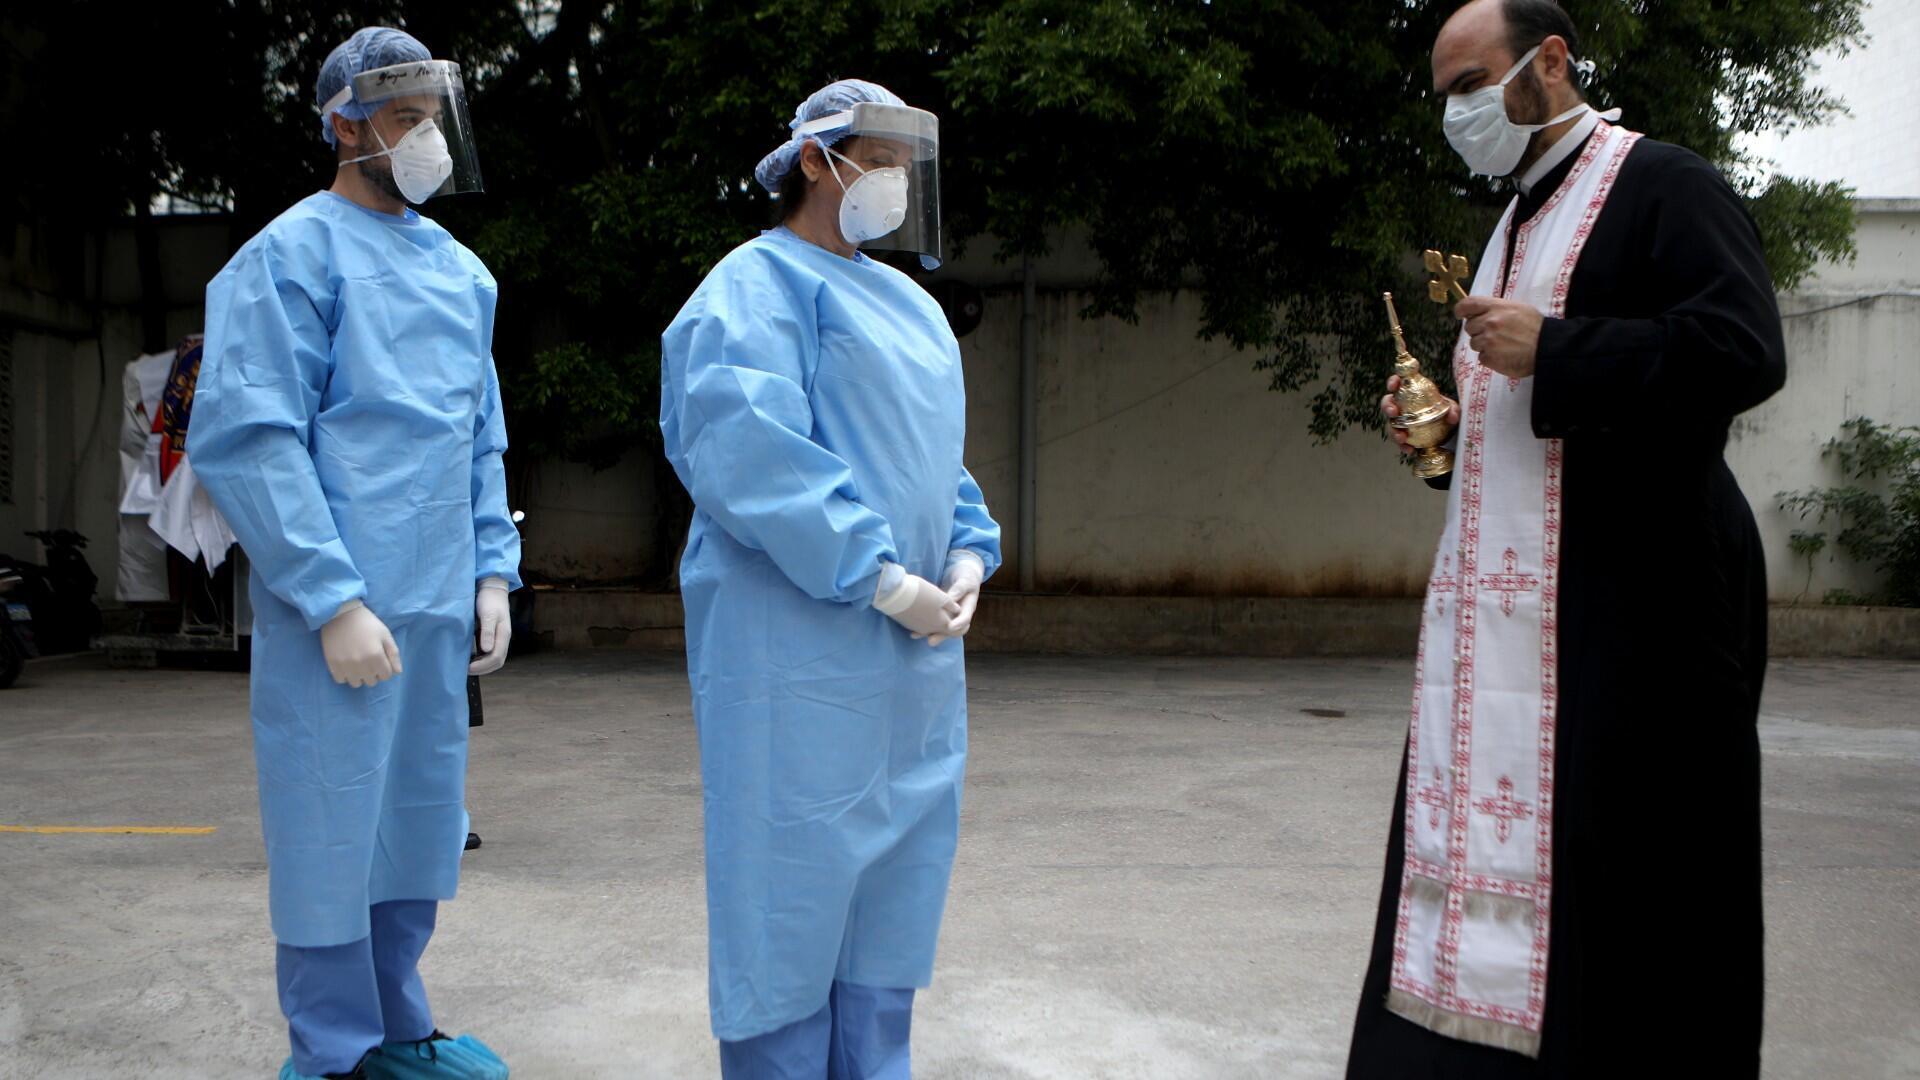 Un sacerdote ortodoxo griego libanés bendice a los miembros del Centro Médico de la Universidad del Hospital Saint George a cargo de pacientes con coronavirus COVID-19, en Beirut, capital de Líbano, el 24 de abril de 2020.